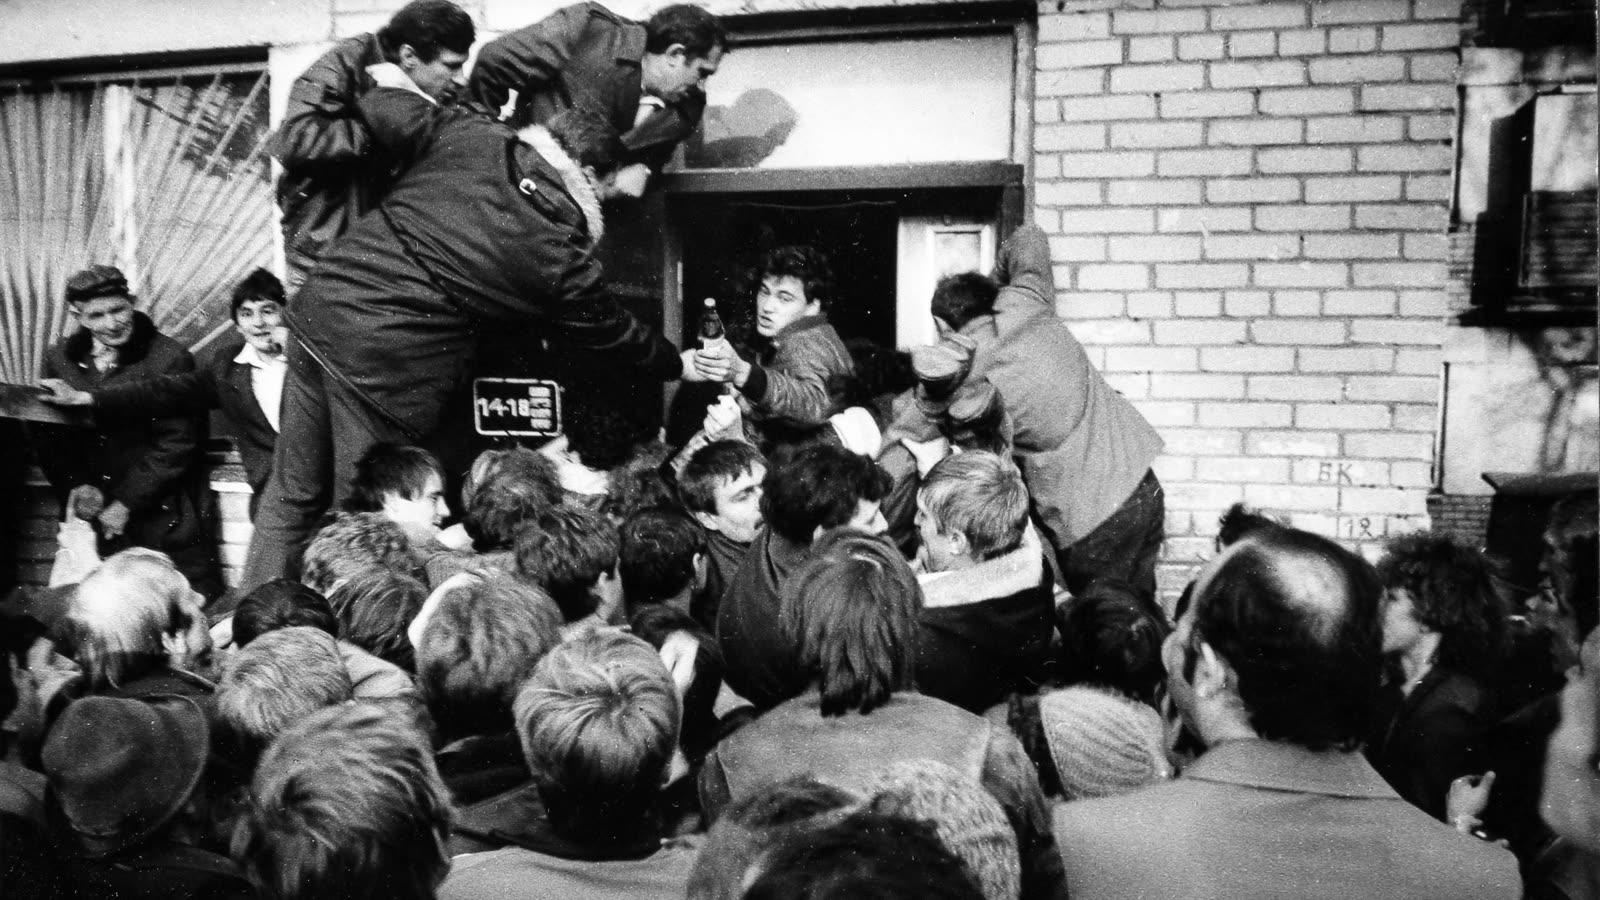 1988. Челябинск. У винного магазина